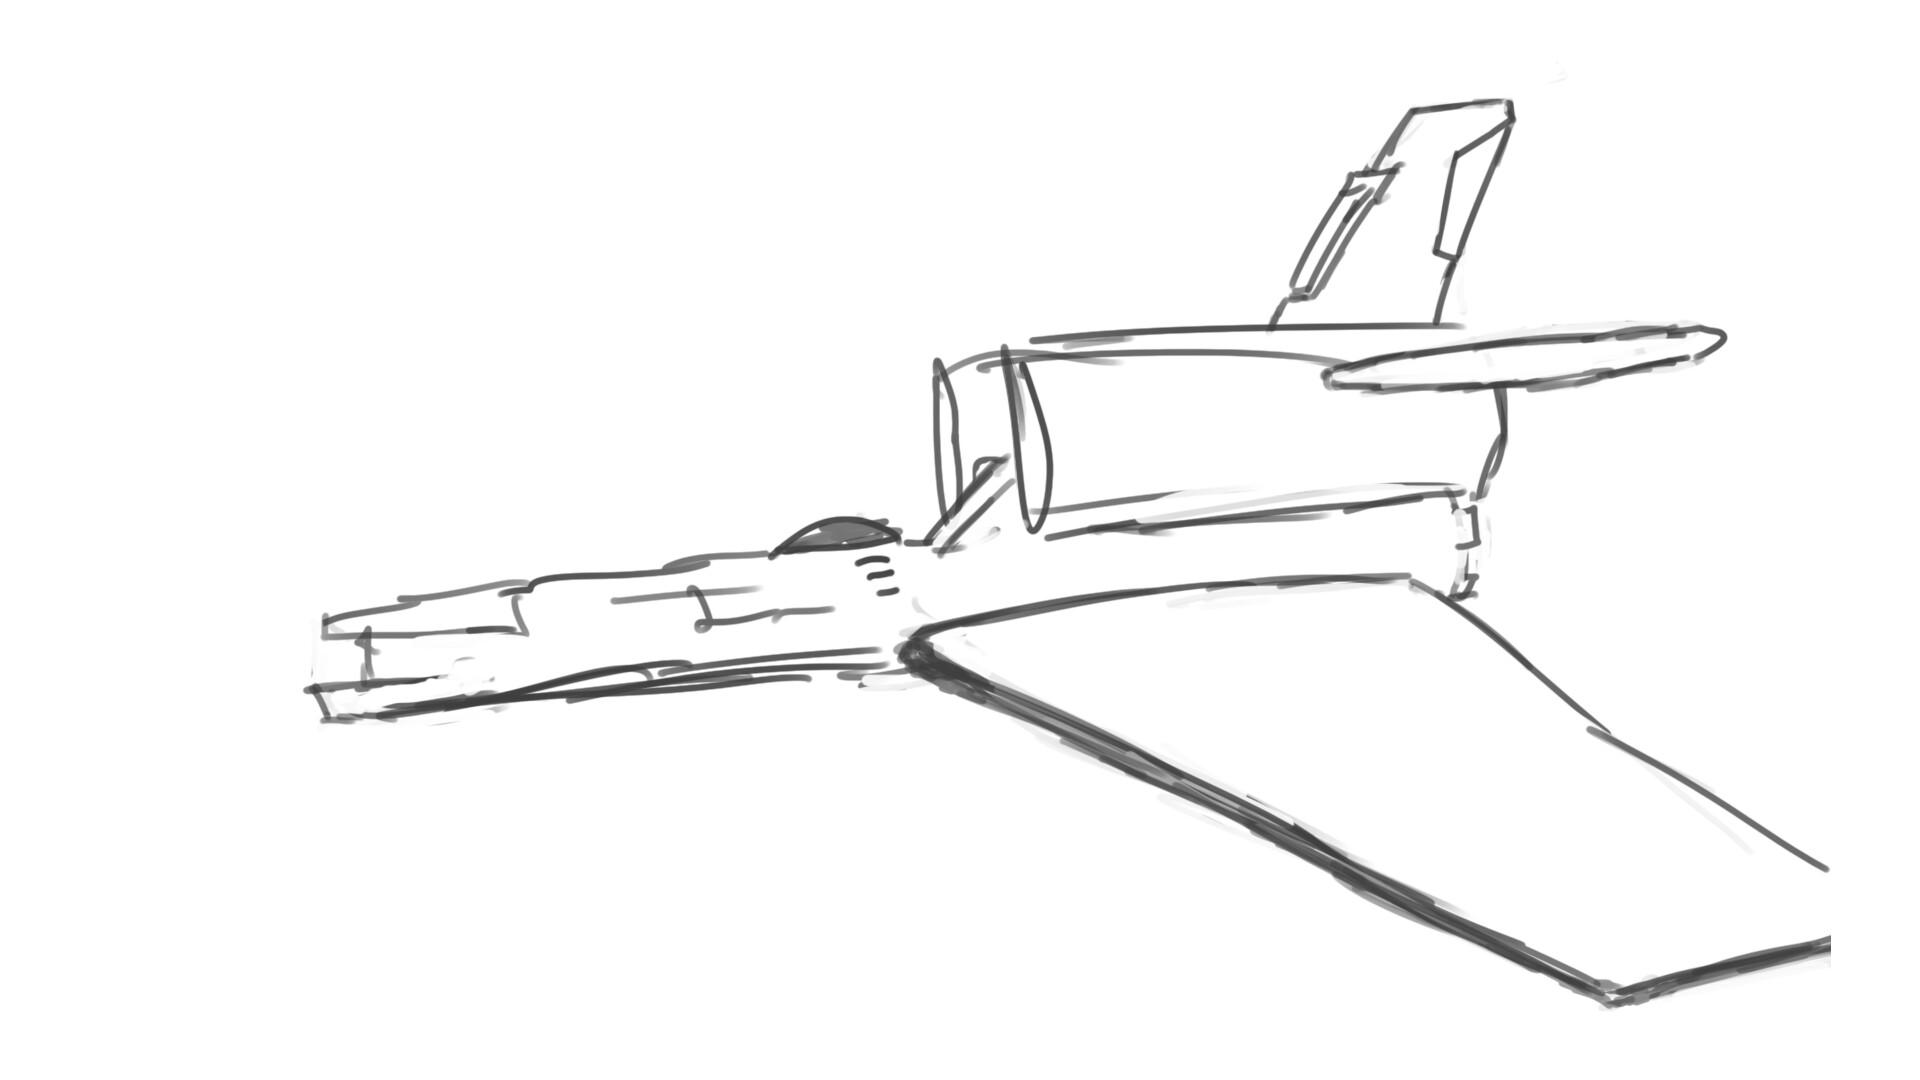 Alexander laheij drawing10 67